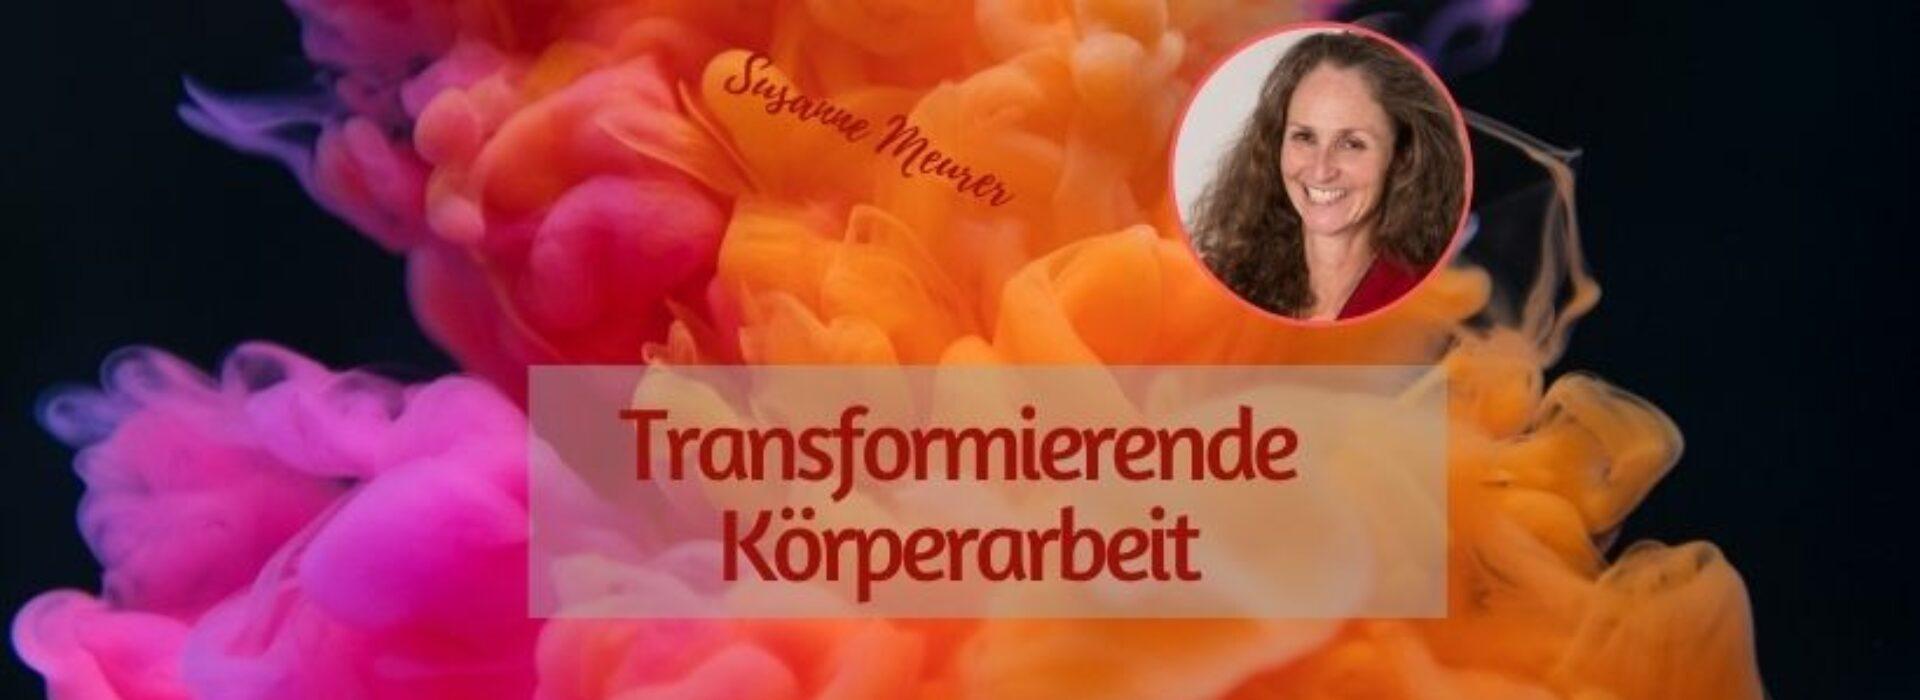 Heilpraxis Susanne Meurer